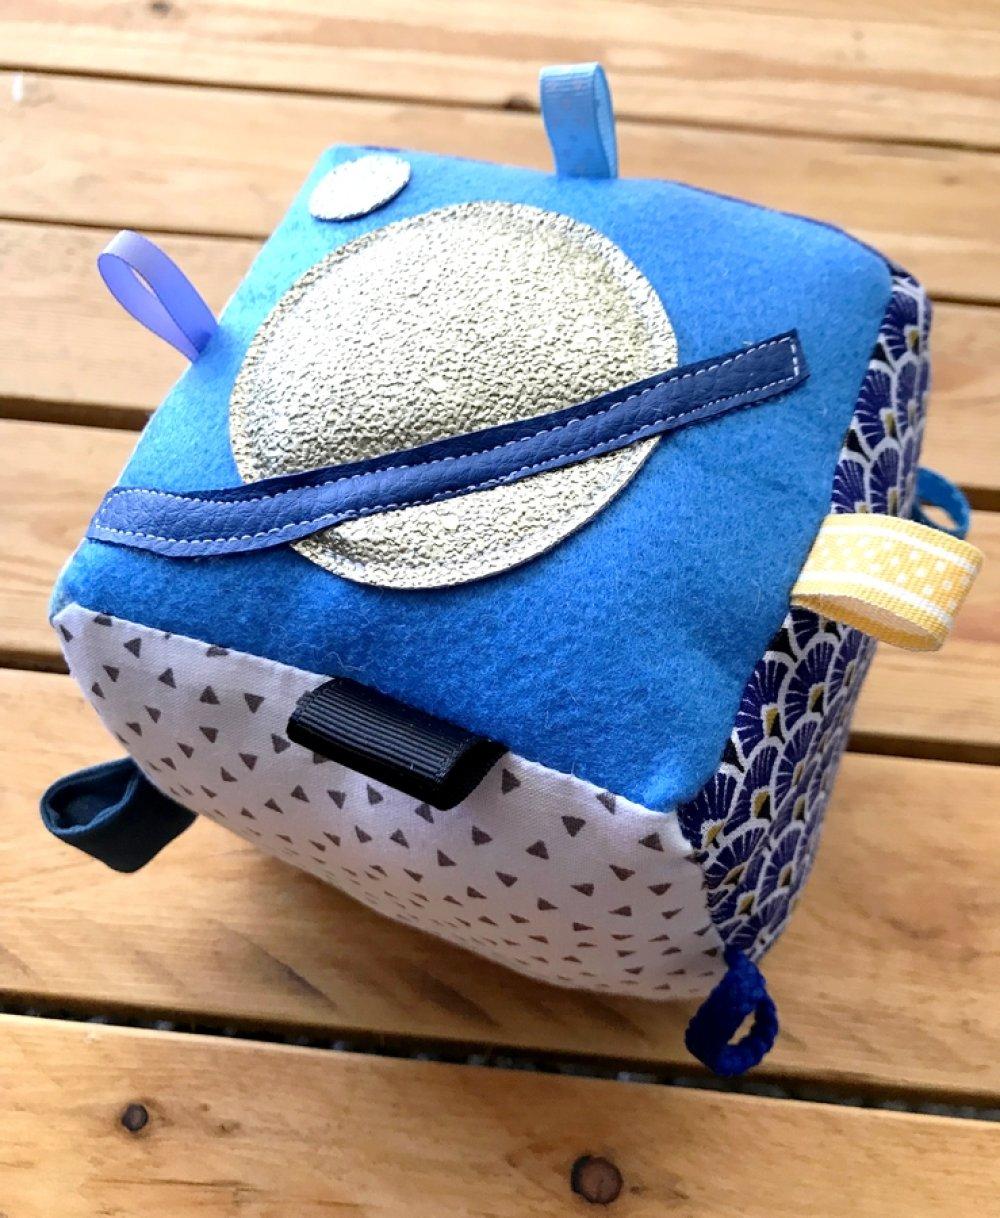 cube de prehension, jouet de manipulation, jouet bébé, inspiration montessori, jeux éveil, cube en tissu